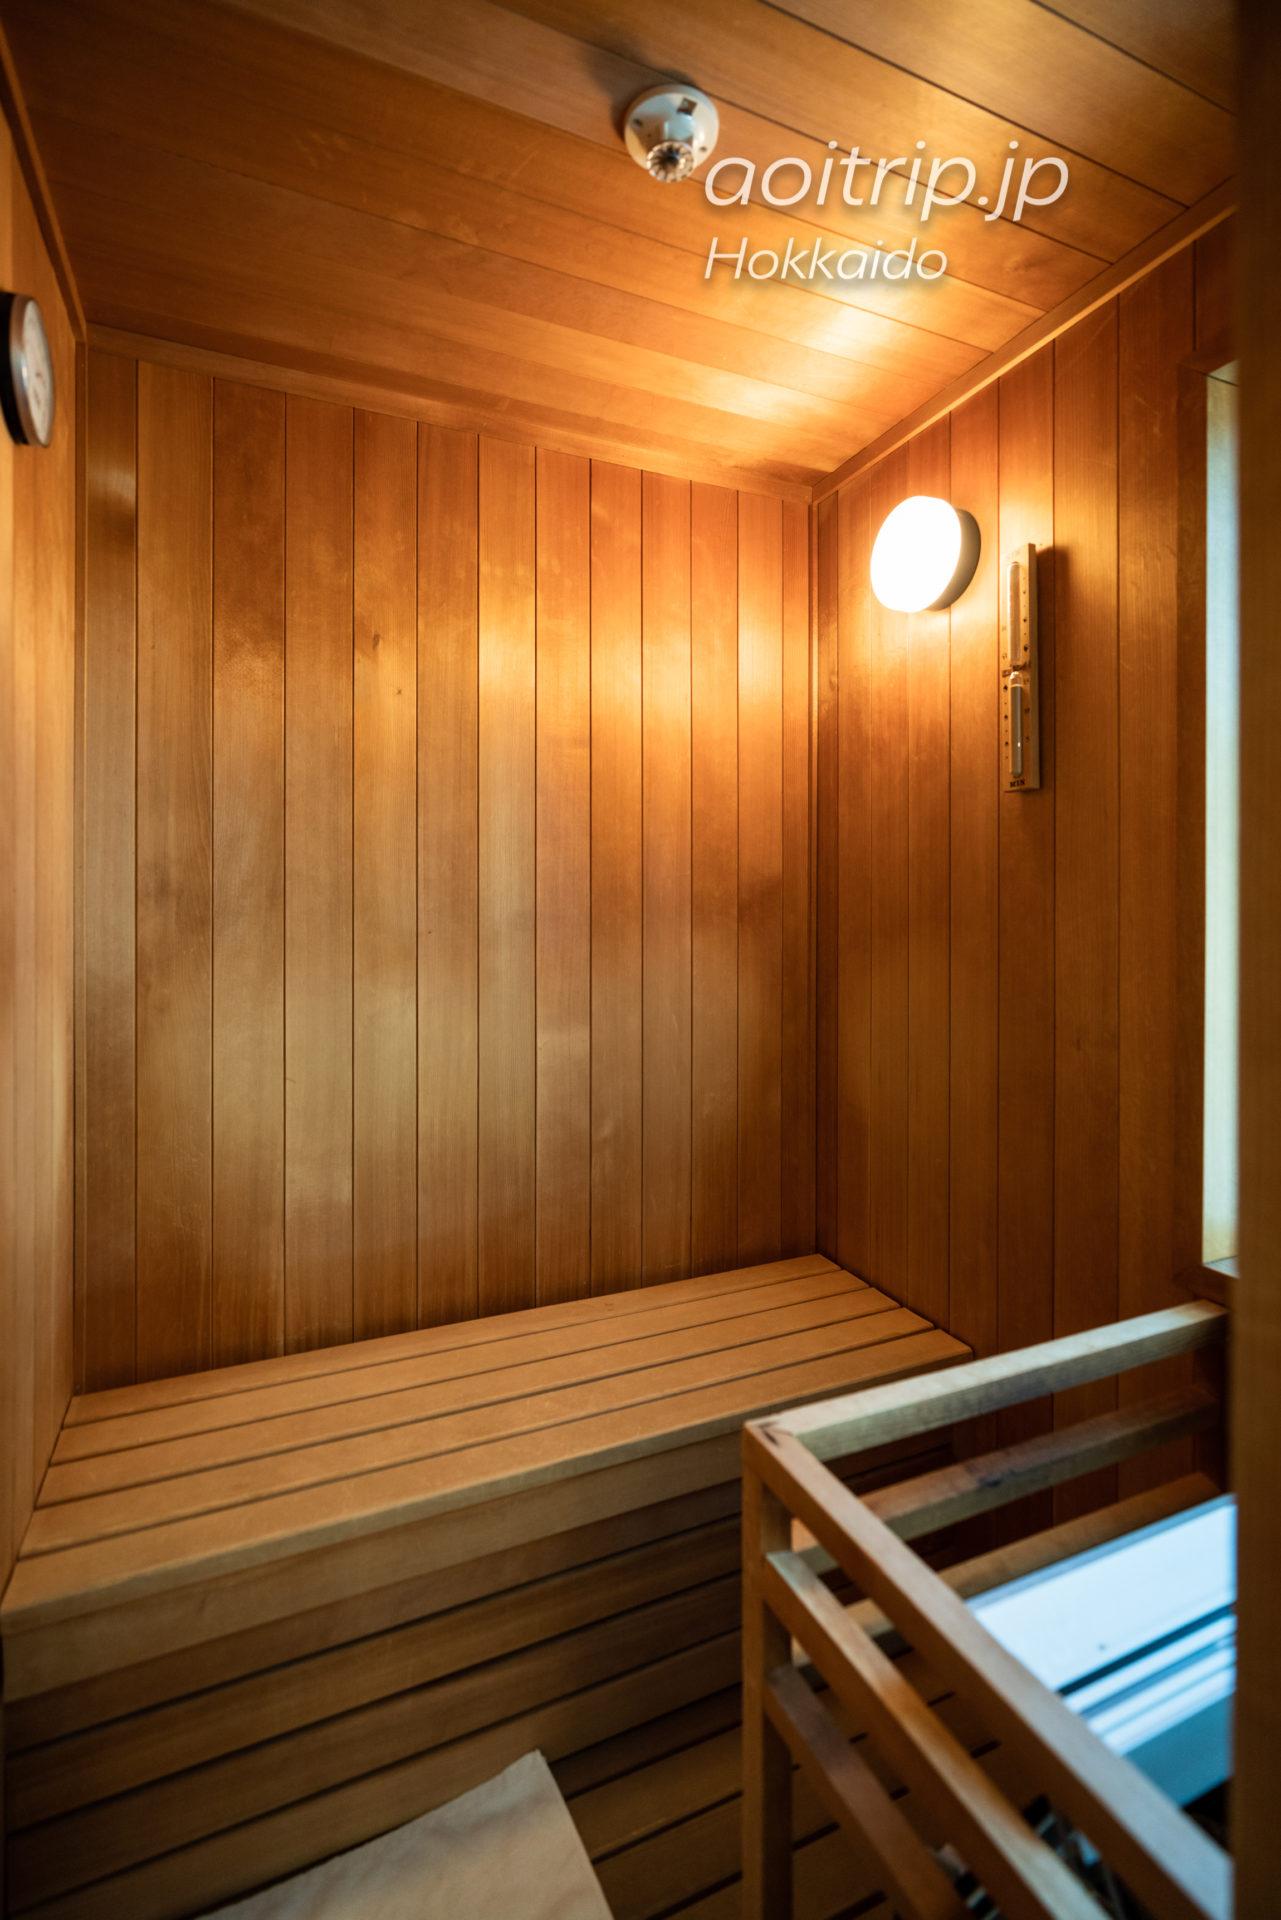 星野リゾート リゾナーレトマム 宿泊記 Hoshino Risonare Tomamu スイートツインルームのプライベートサウナ